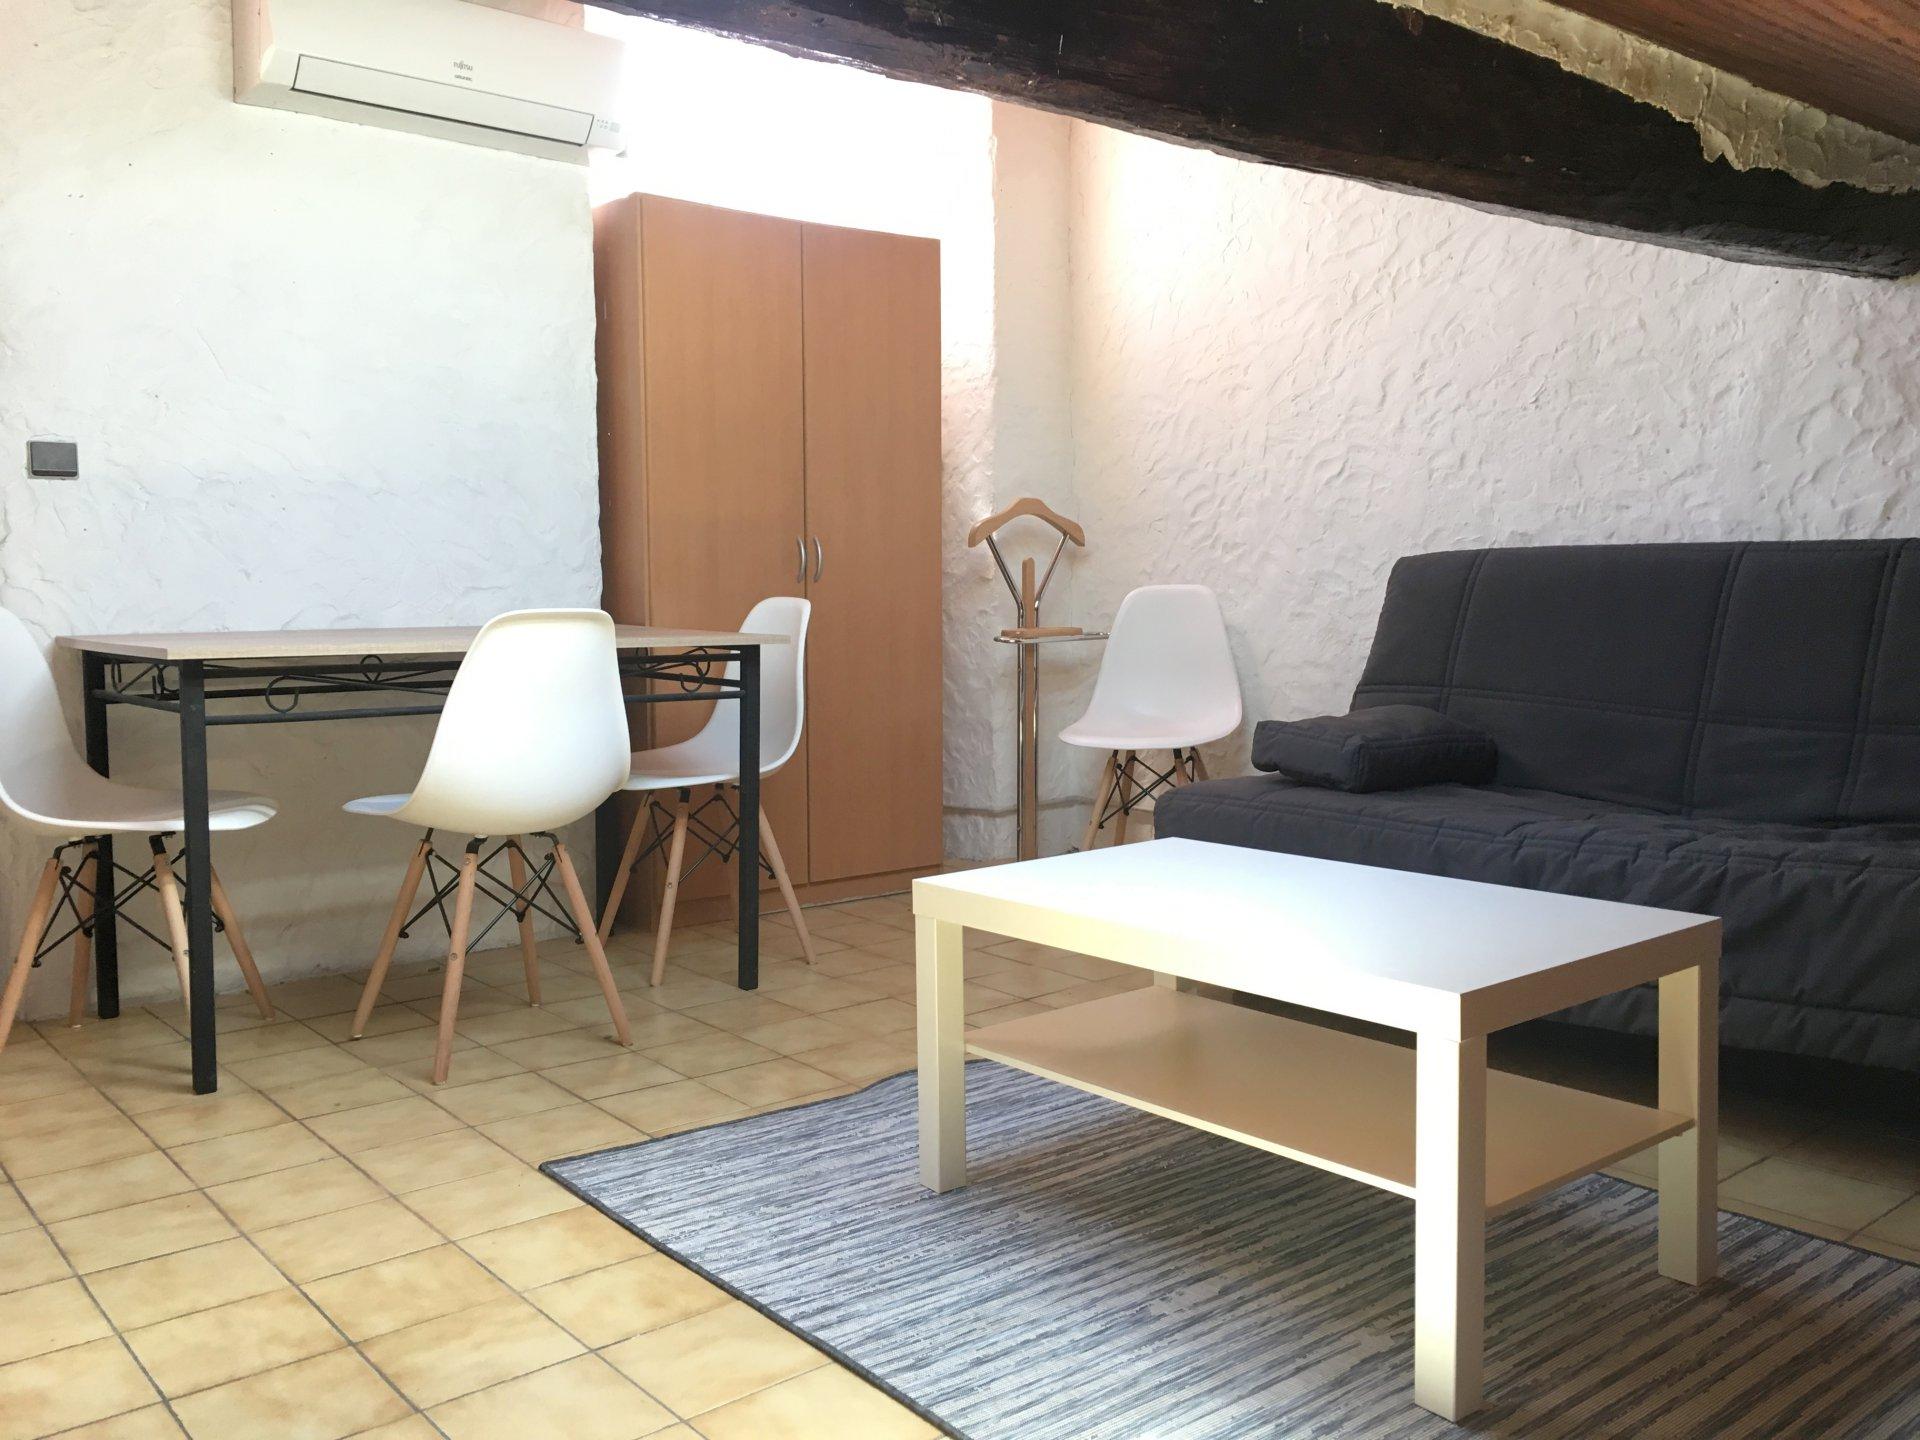 Location Nice, studio meublé situé dans le Vieux Nice